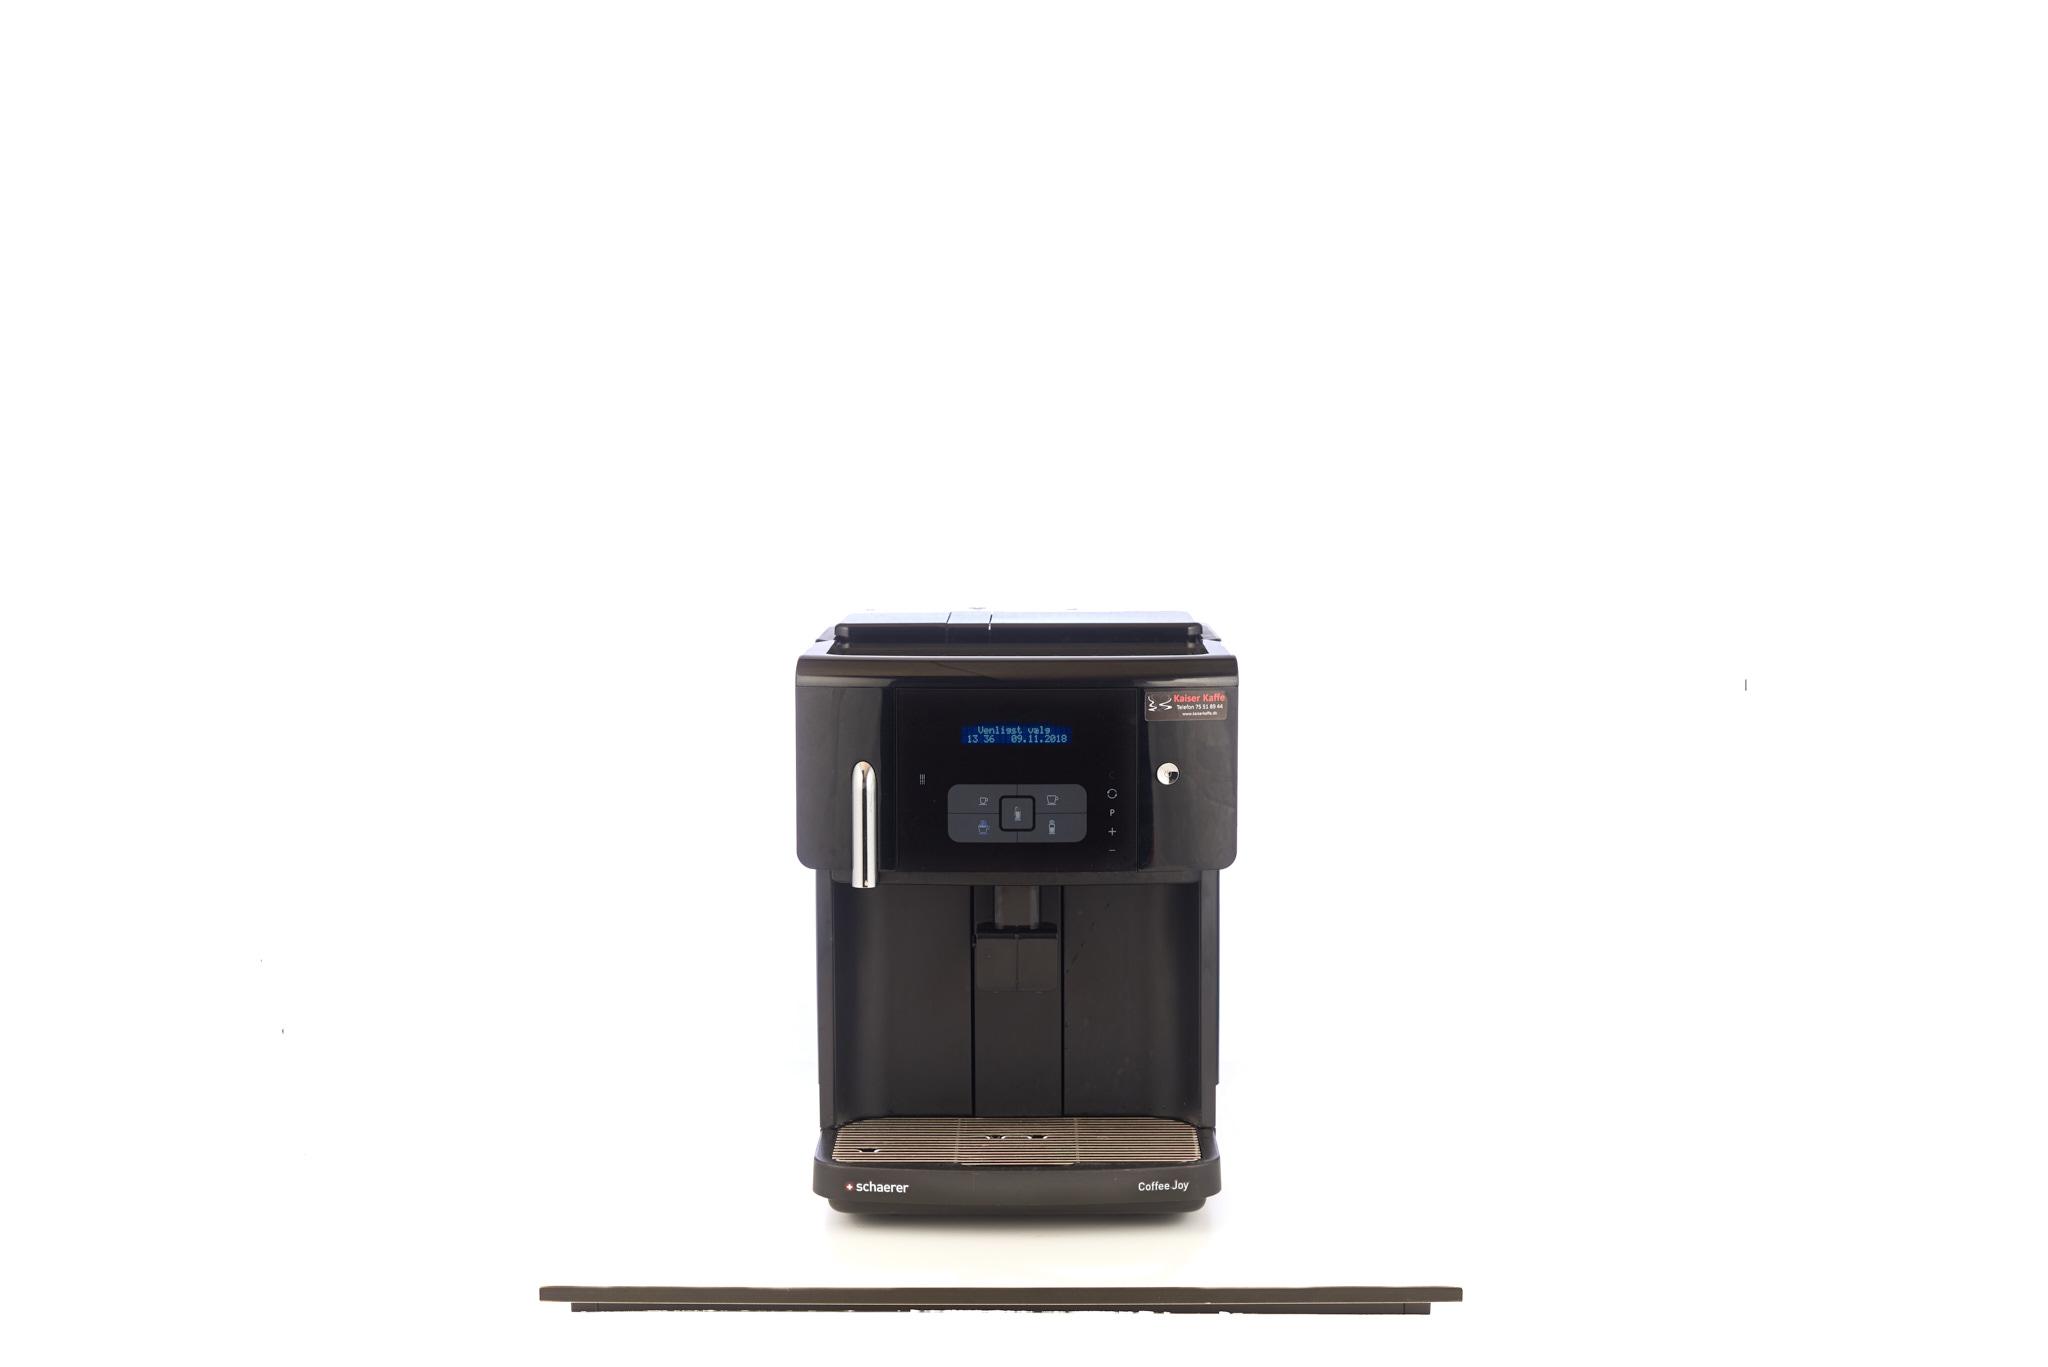 Kaiser Kaffe Schaerer Joy 13188 - Produkt kategori